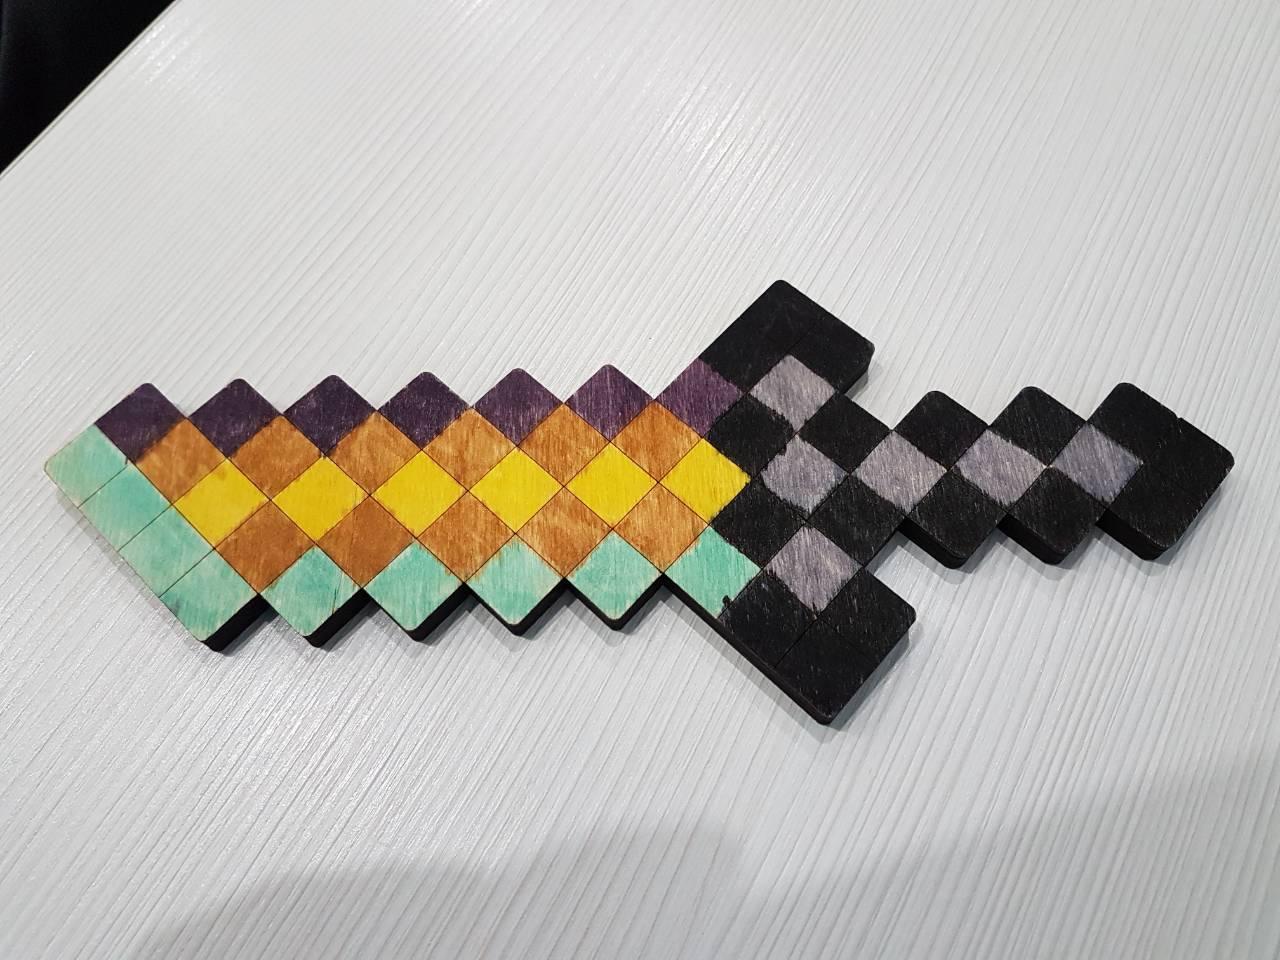 Ніж - розмальовка Minecraft (нож - раскраска Майнкрафт ...